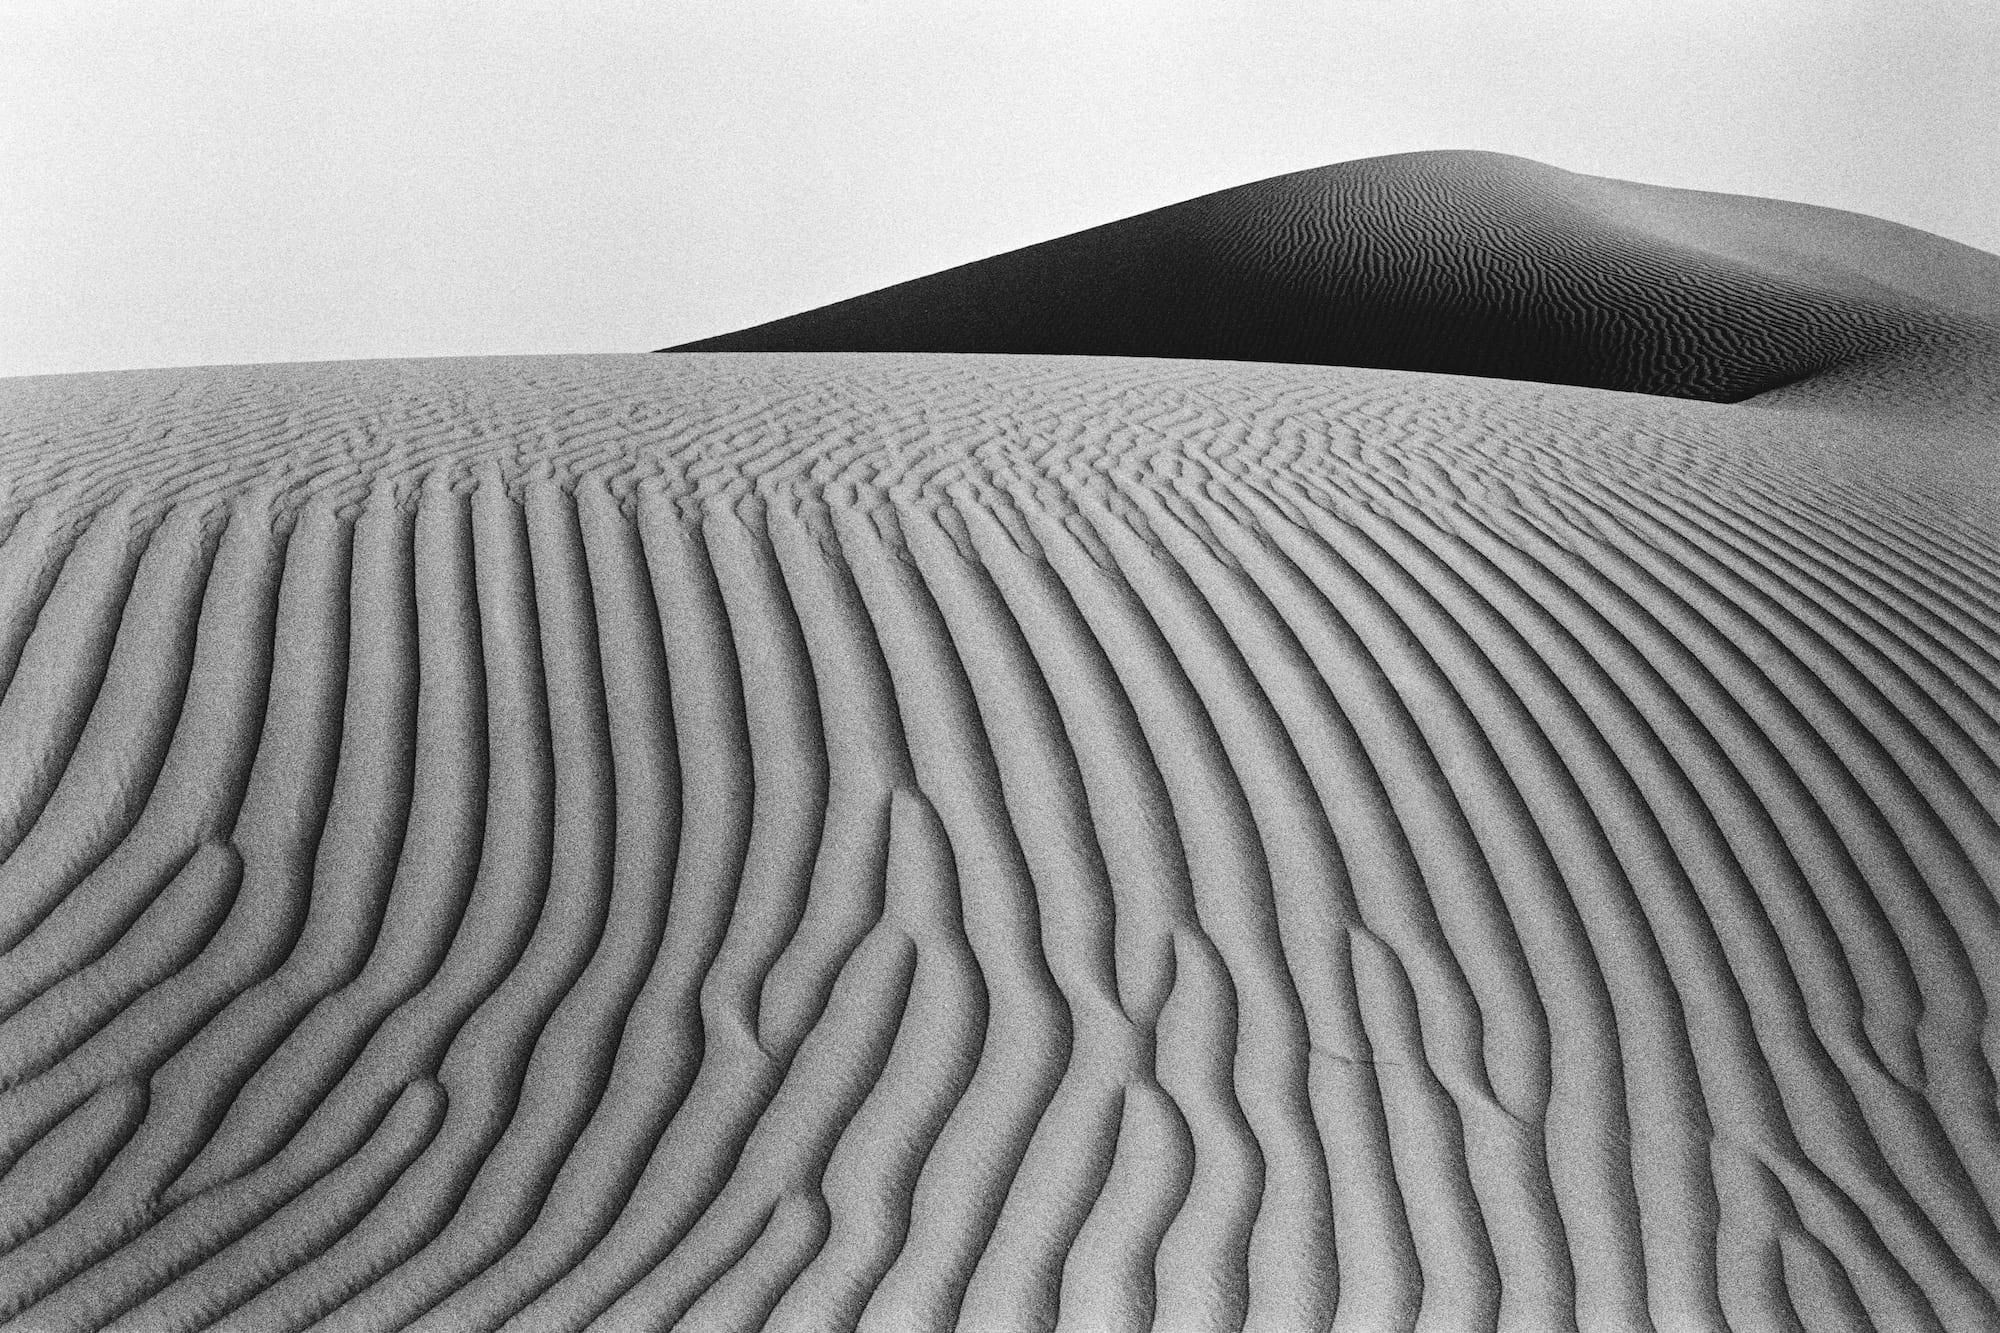 Il viaggio di John R. Pepper tra i più remoti deserti del pianeta in mostra a Todi